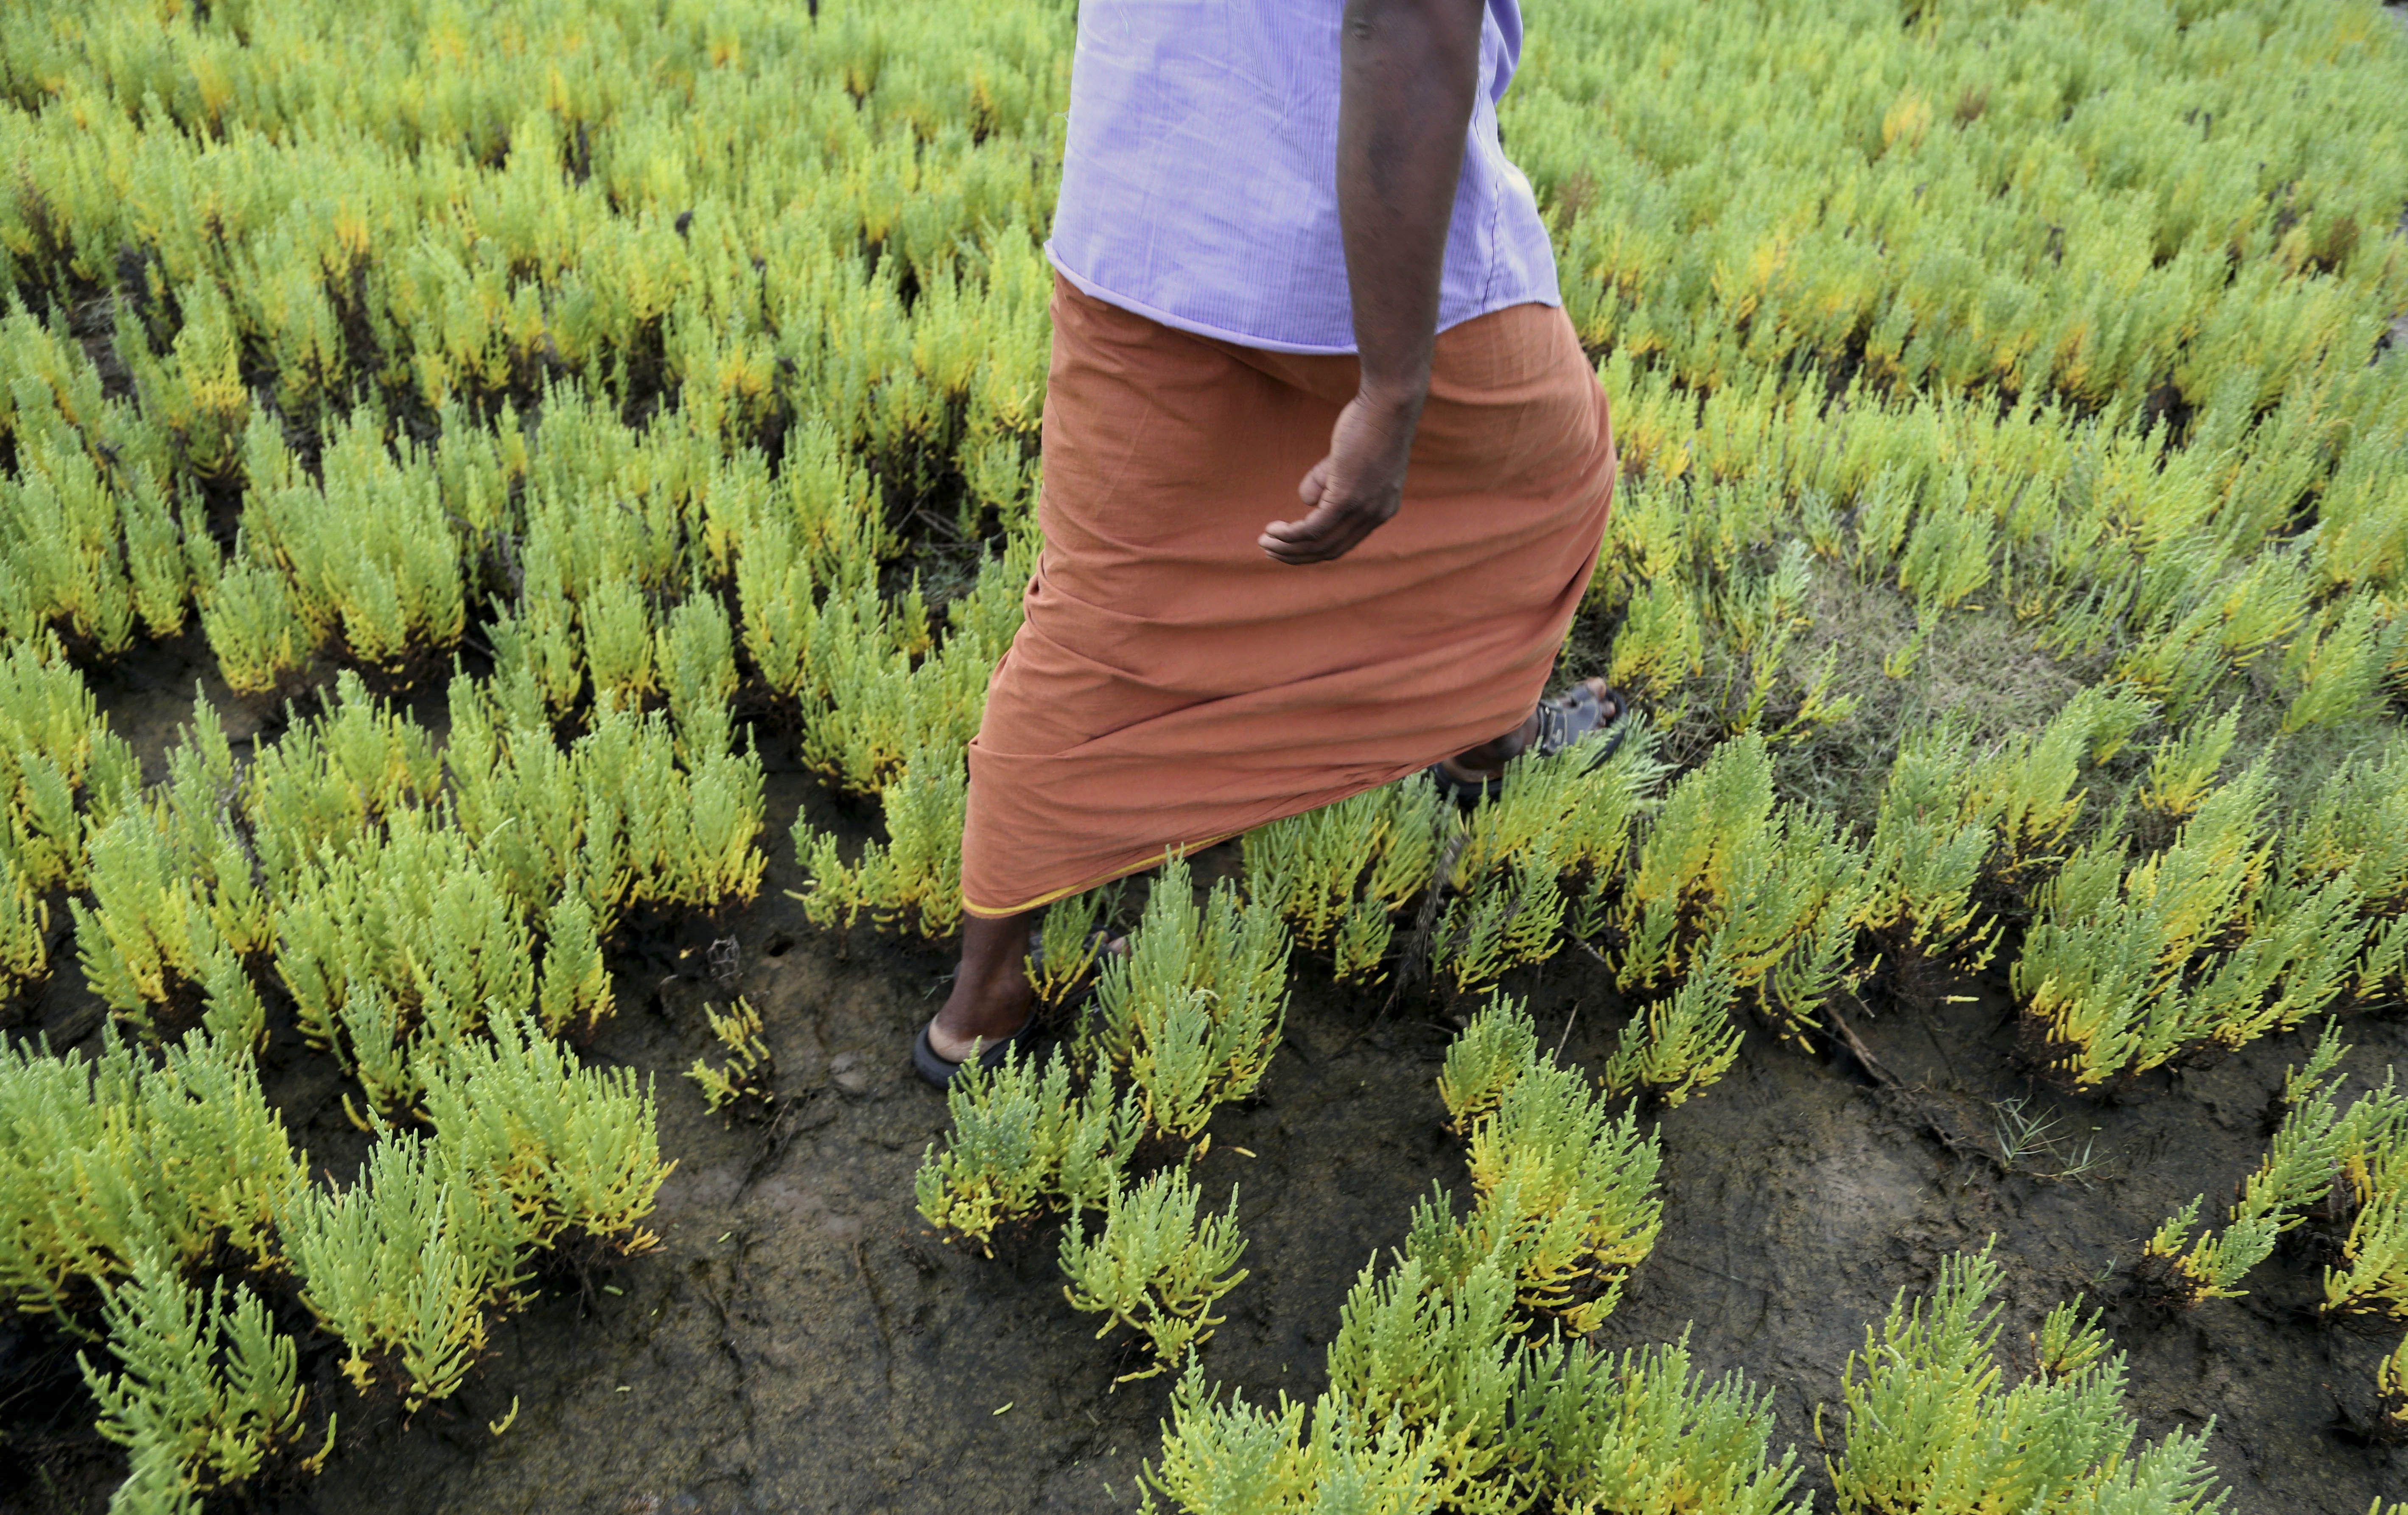 Jardines ofrecen esperanza ante subida de nivel de aguas for America todo un inmenso jardin